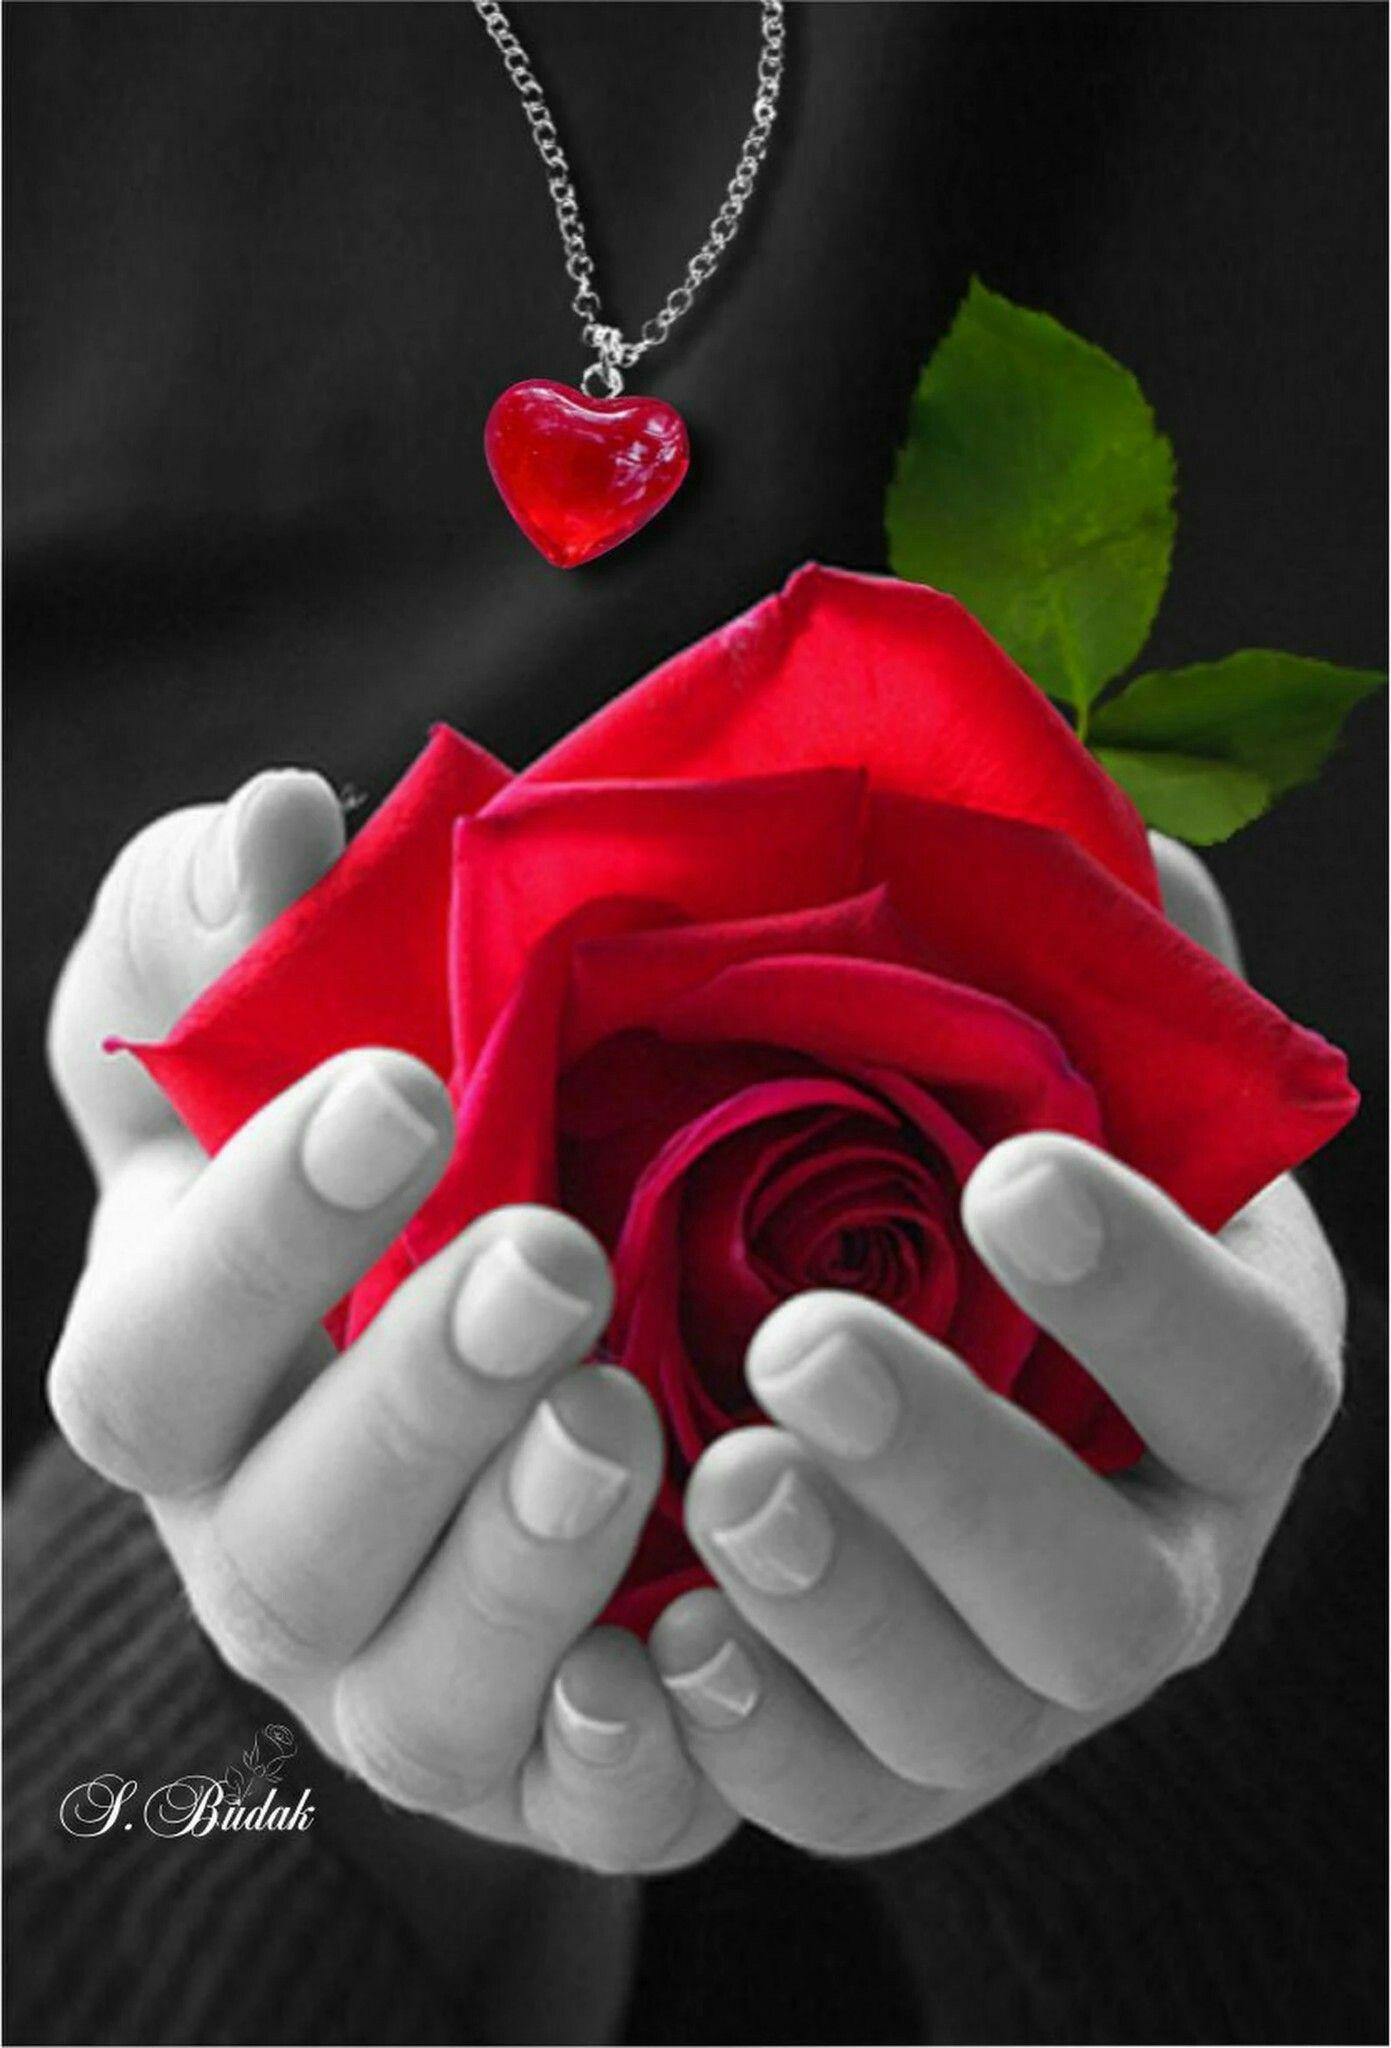 para algum muito especial voc fleurs pinterest beautiful flowers para algum muito especial voc izmirmasajfo Images